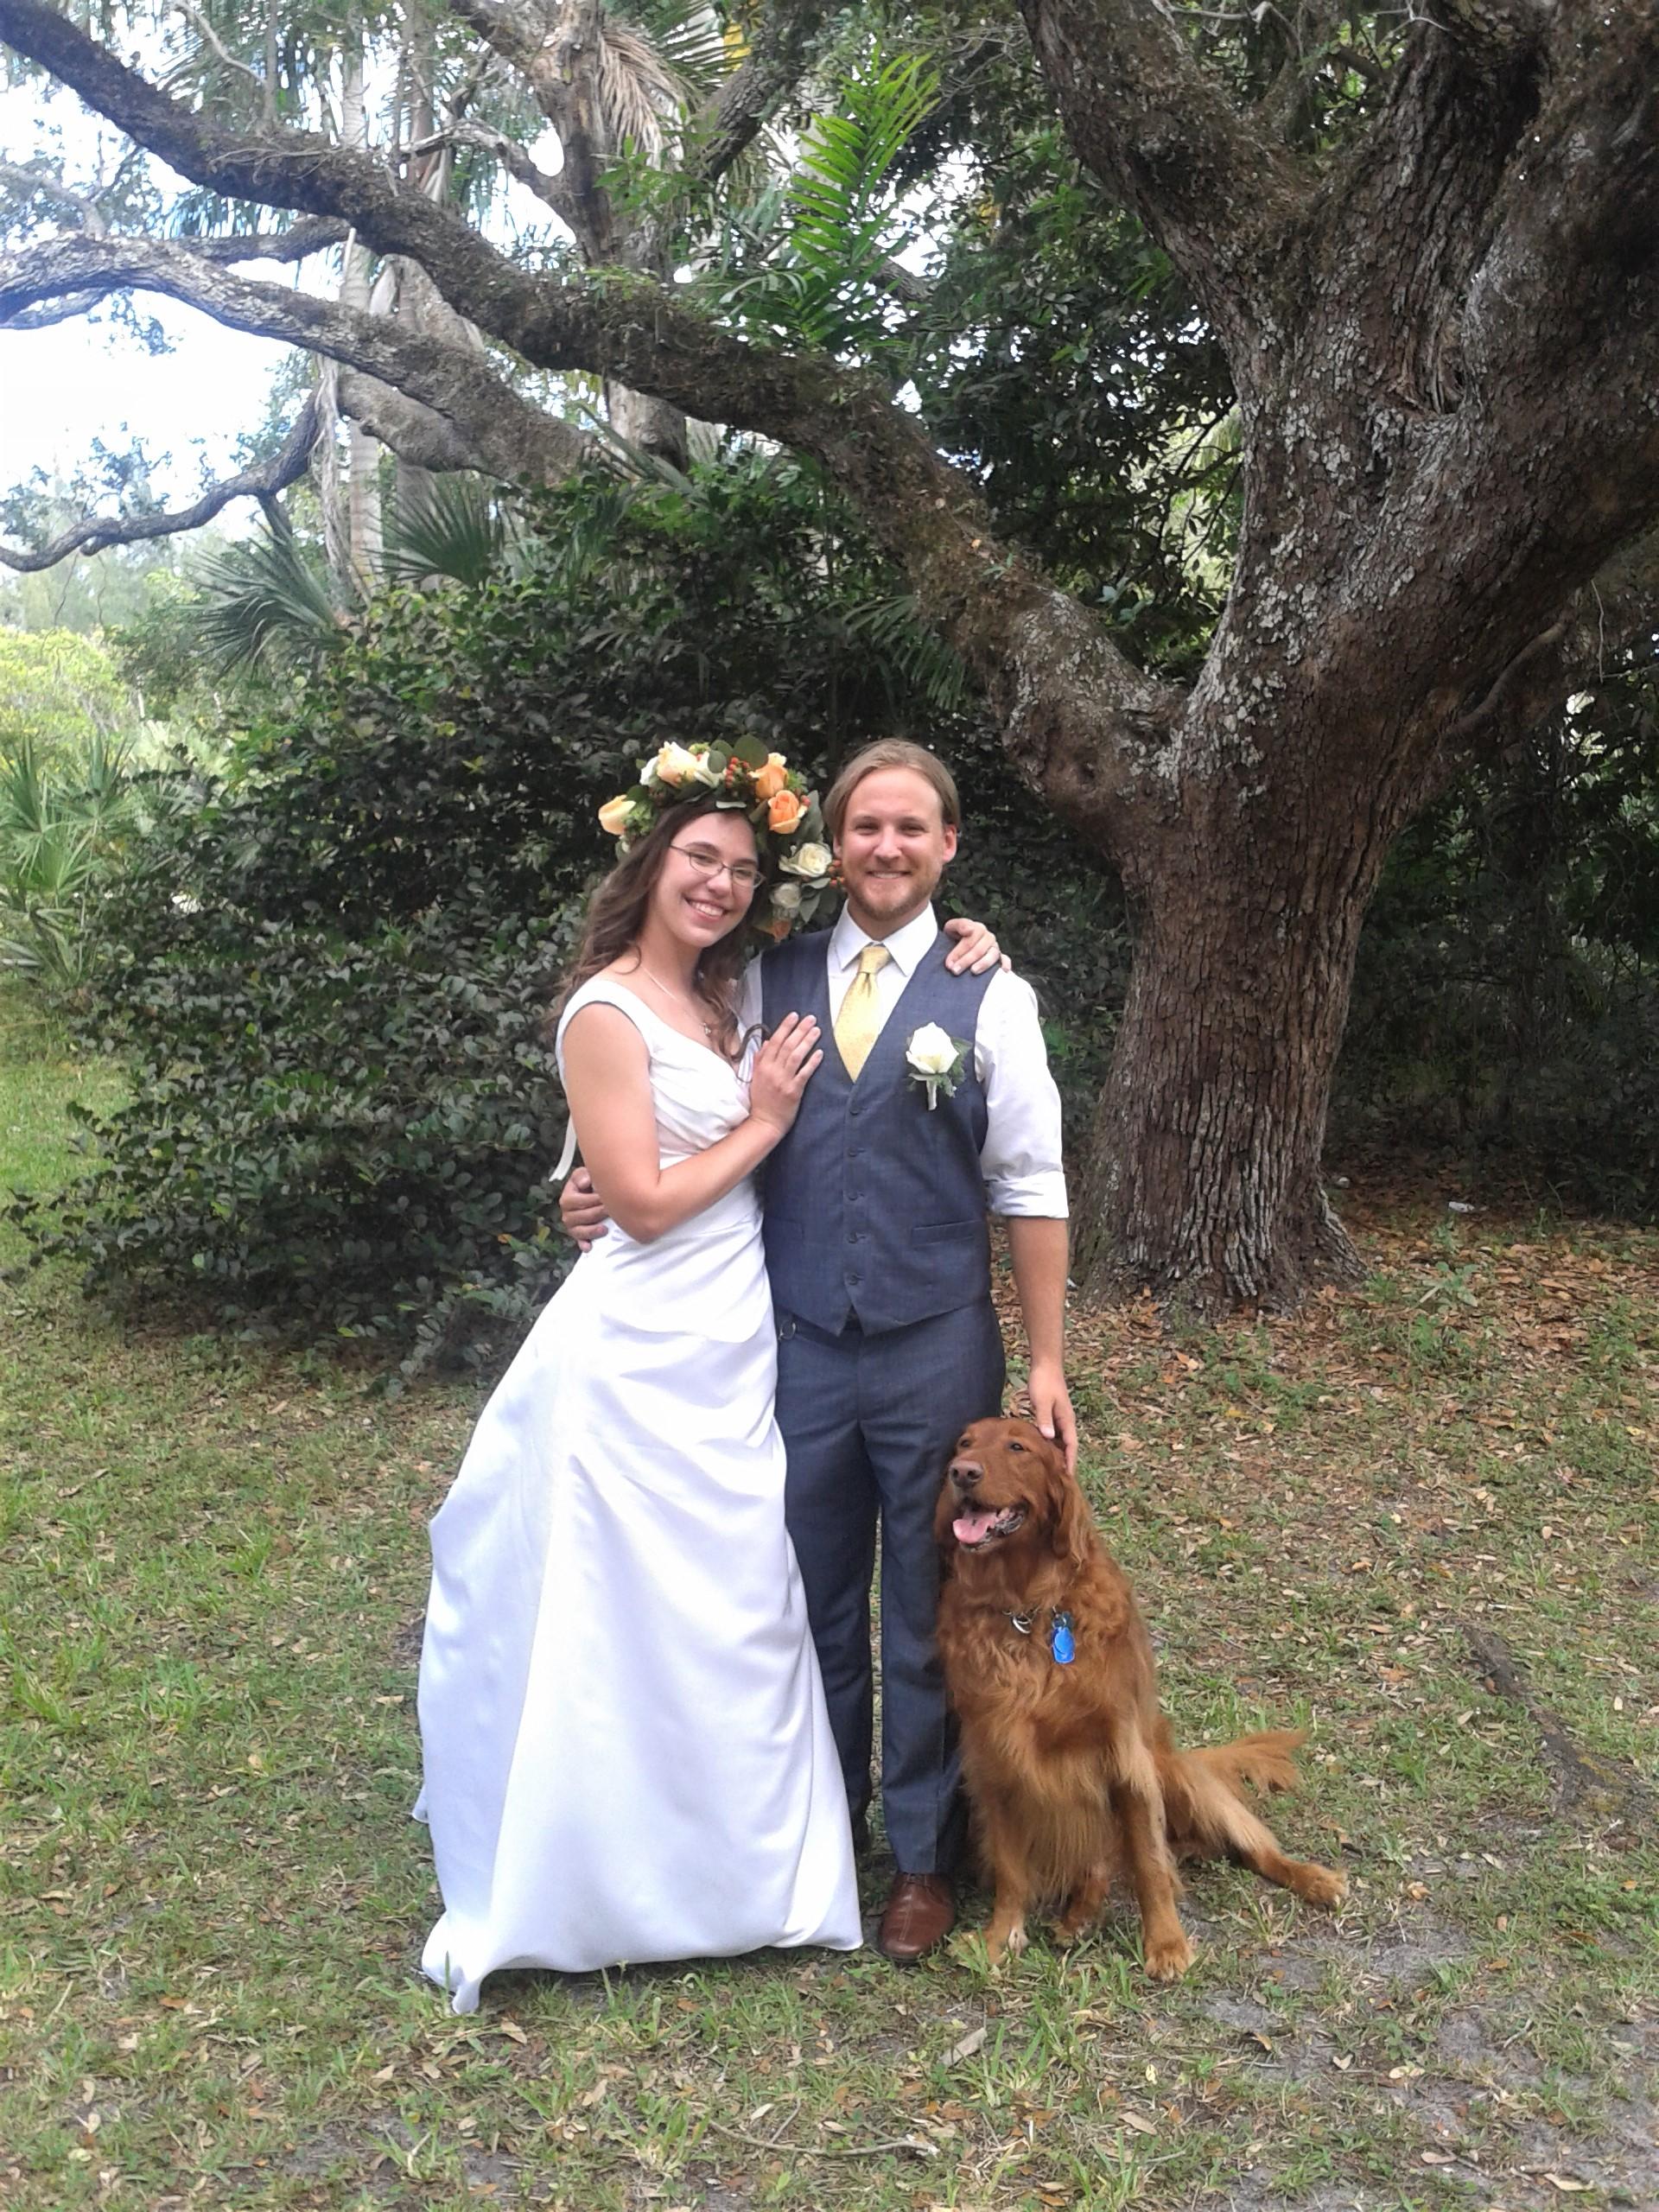 https://0201.nccdn.net/1_2/000/000/0ab/09d/wedding-at-the-park--2-.jpg